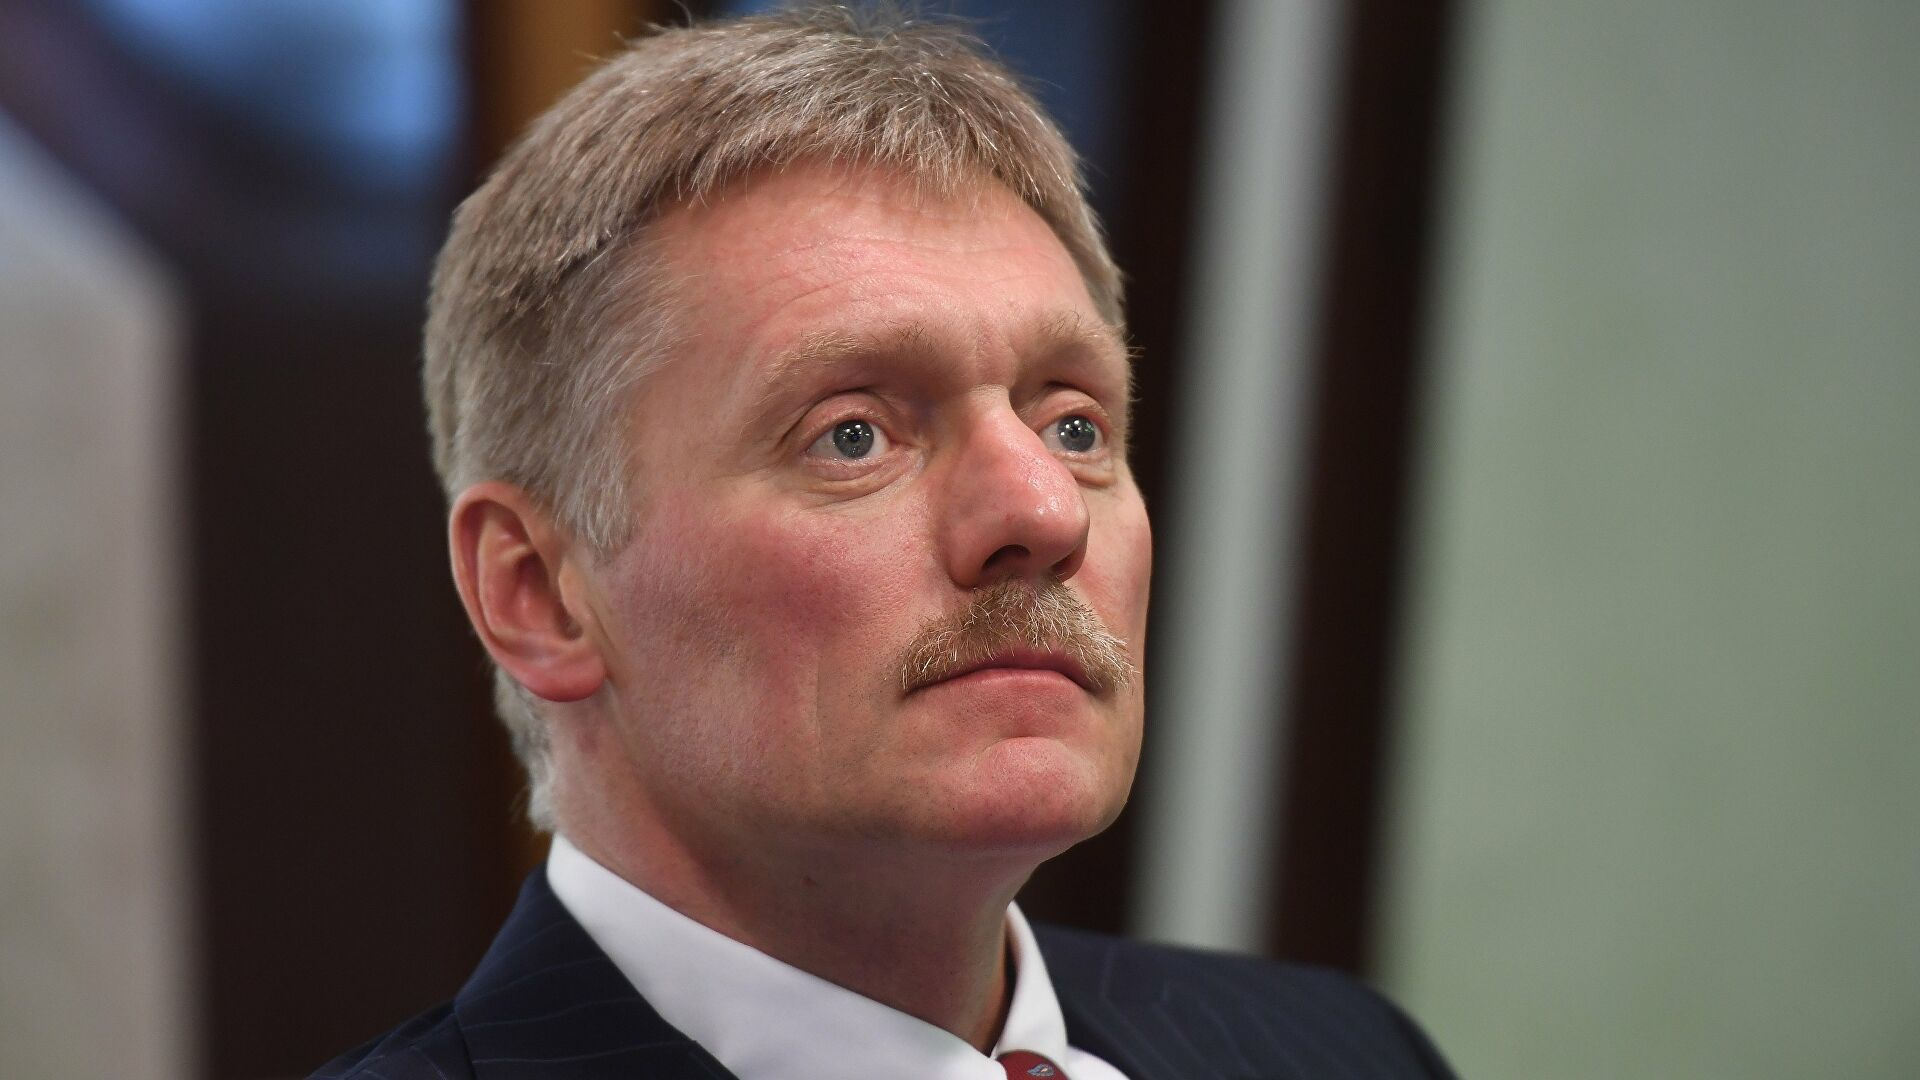 Peskov: Bezbednost i sudbina Rusa, uključujući i one u Donbasu, bezuslovni prioritet Rusije i predsednika Putina